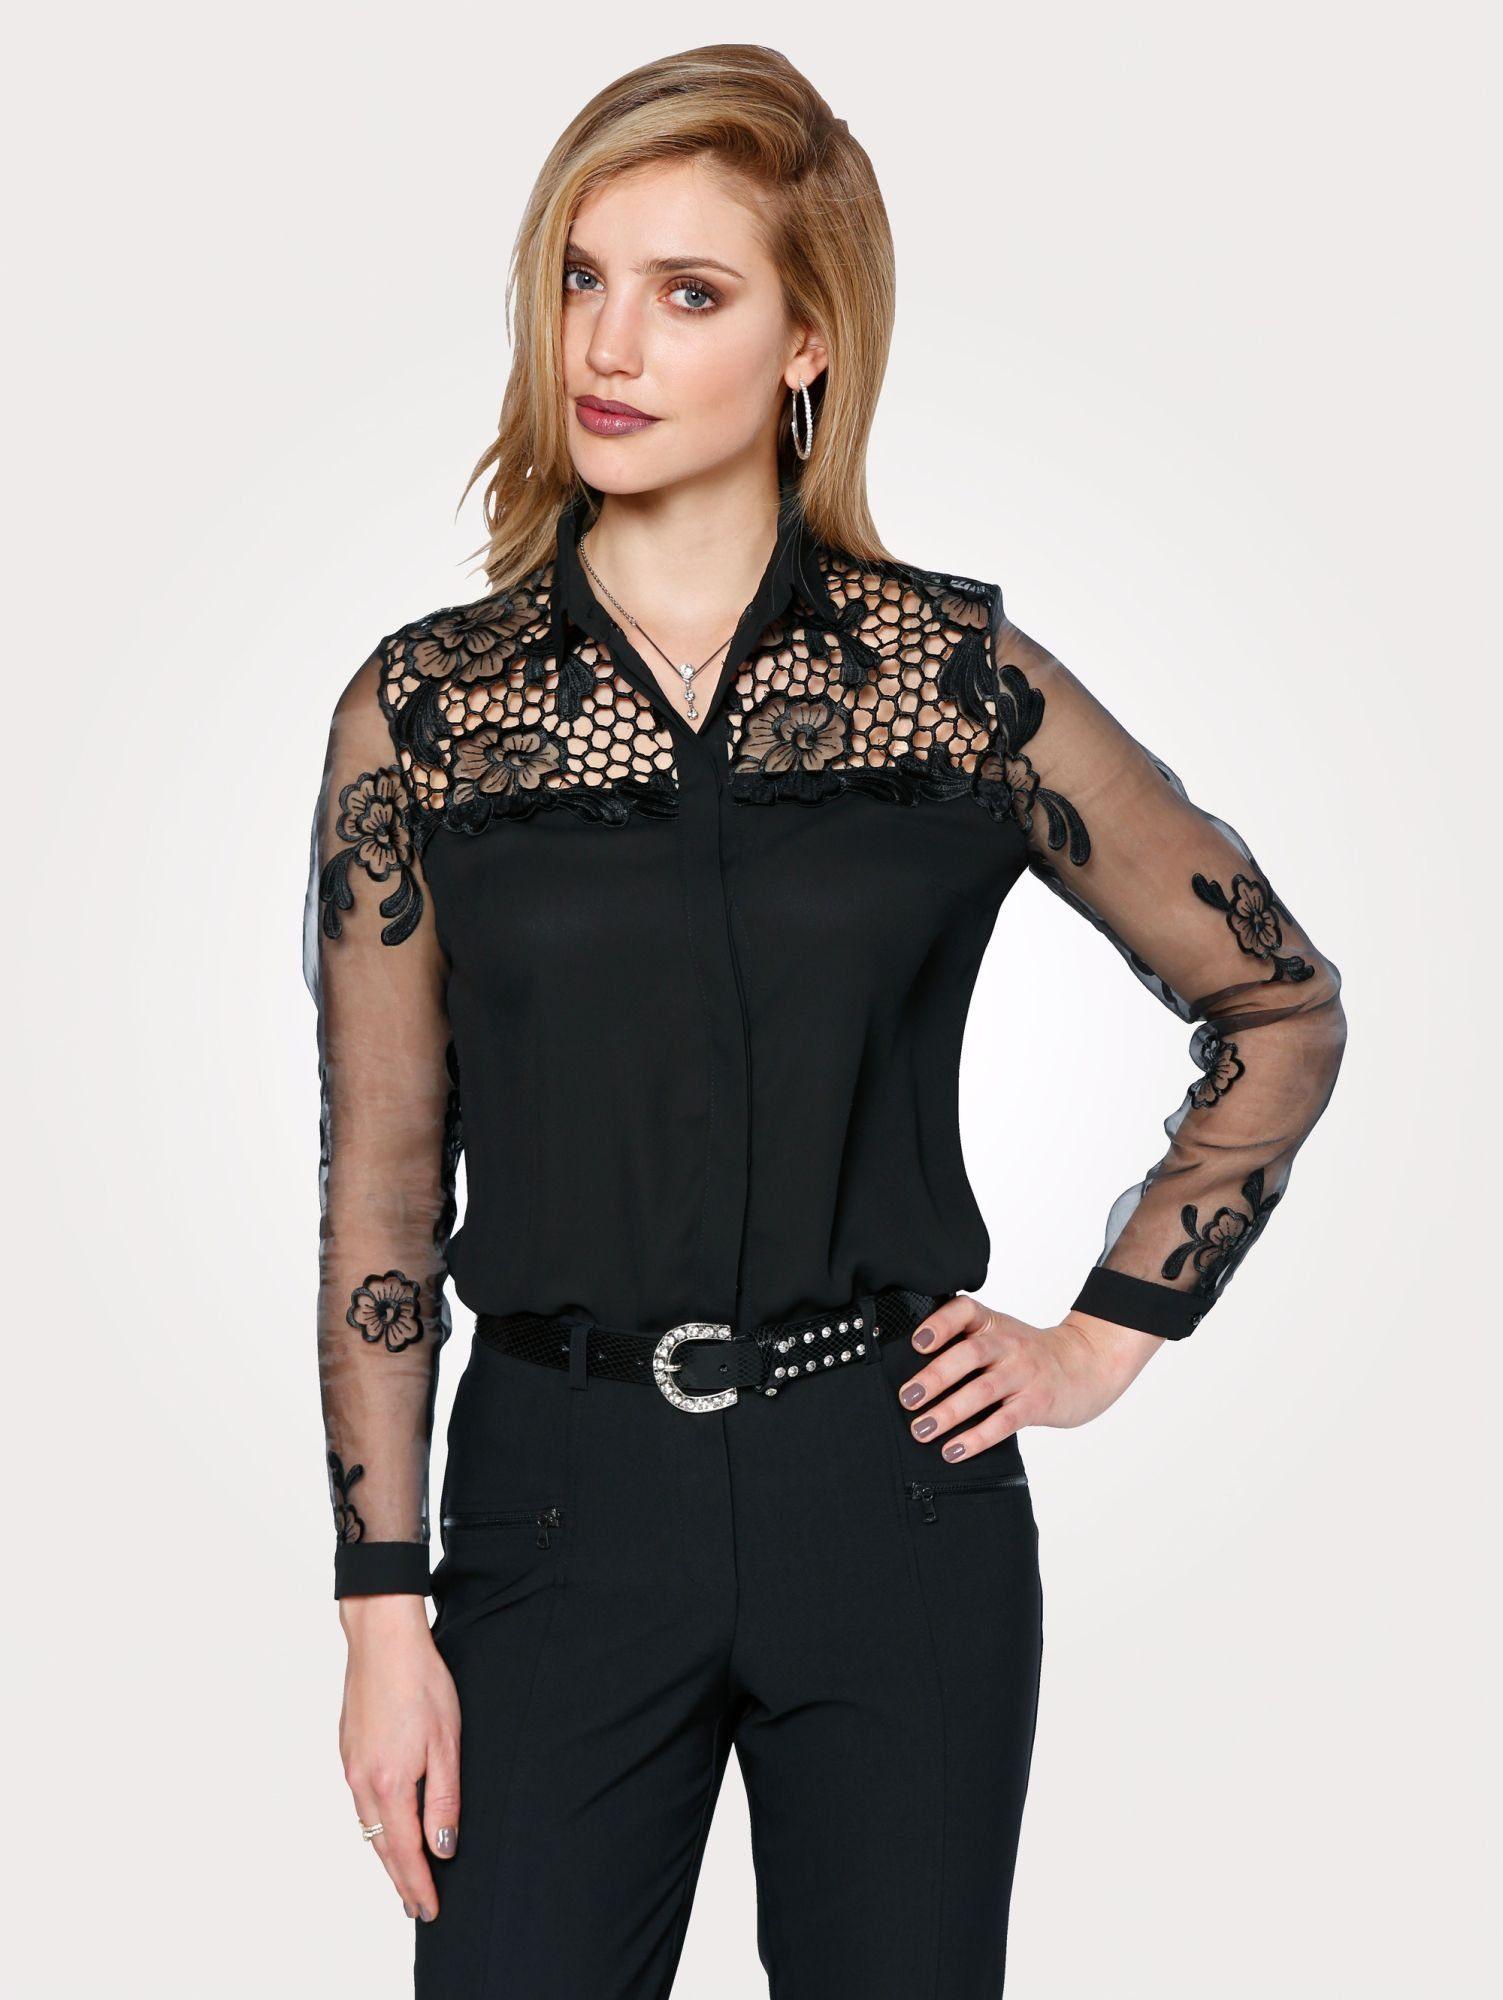 Mona Spitzenbluse mit transparenten Organzaärmeln | Bekleidung > Blusen > Spitzenblusen | Schwarz | Mona